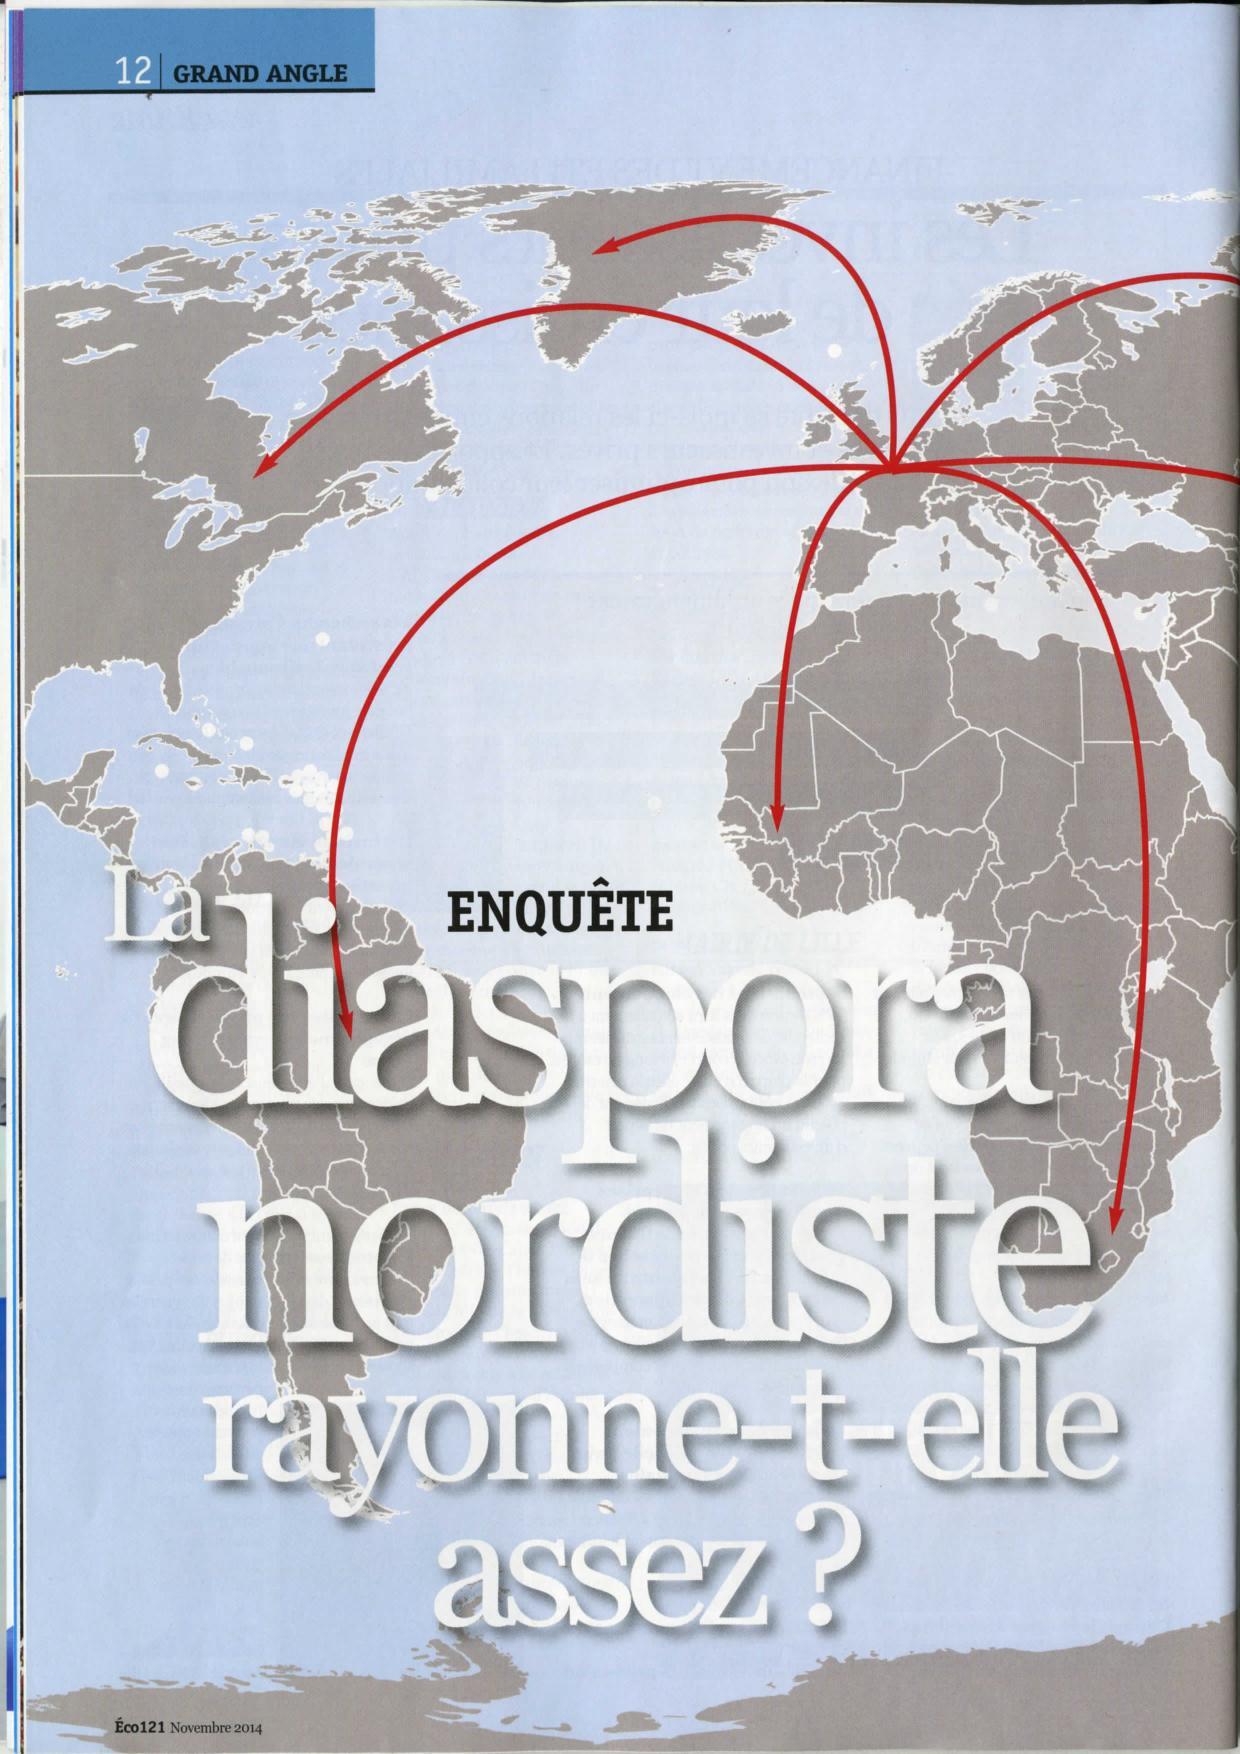 ECO121 DE NOVEMBRE092-page-001